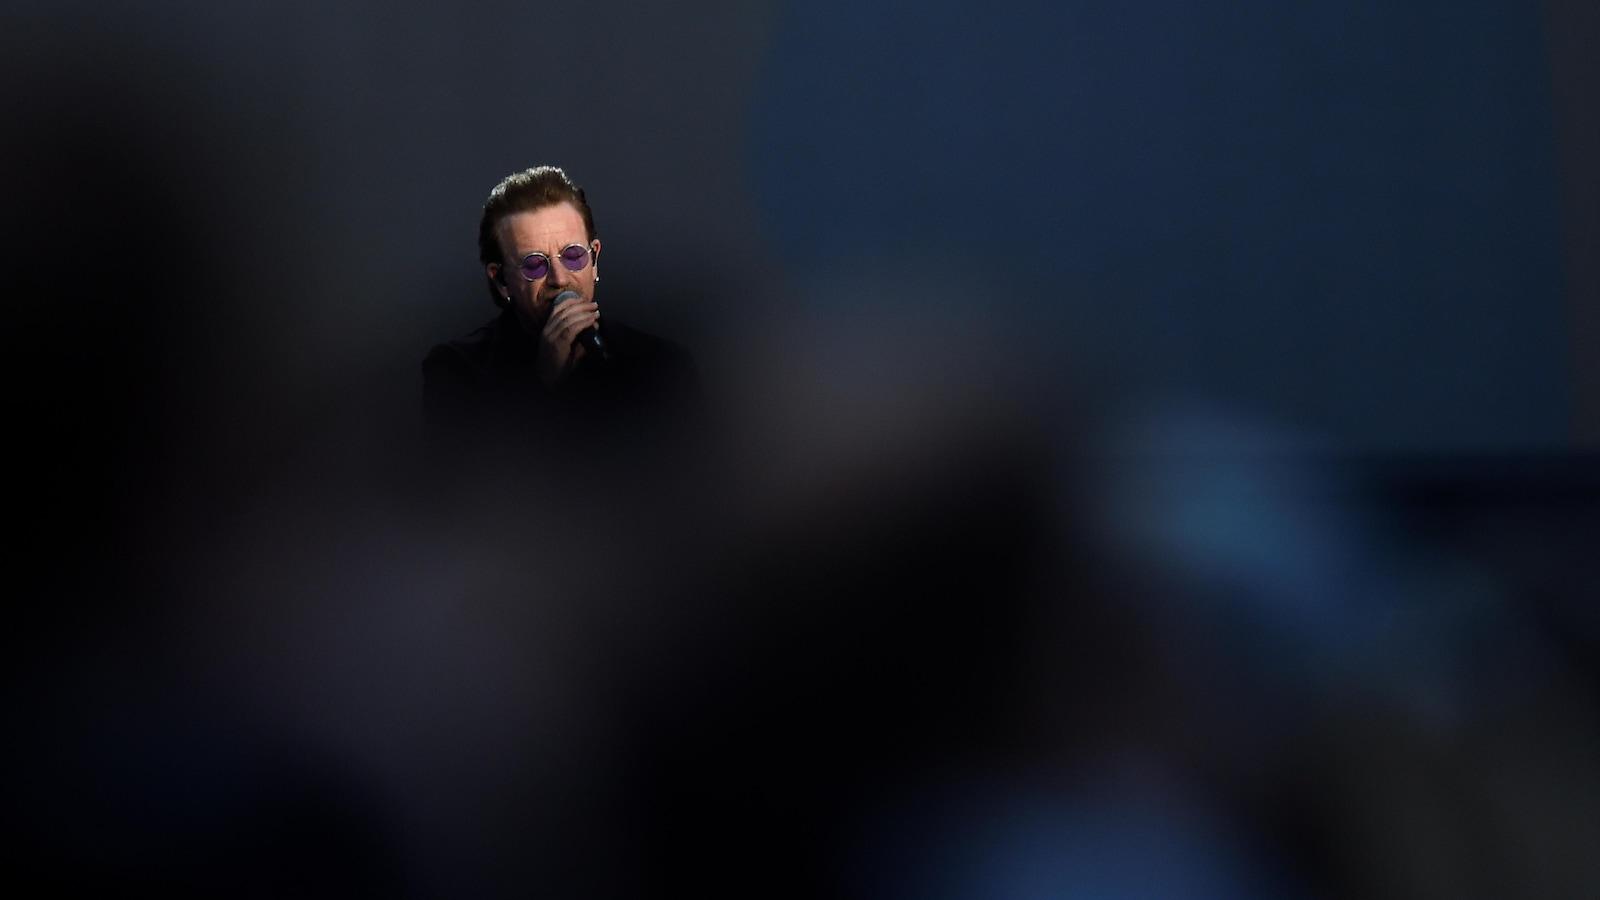 Bono chante pendant un concert U2 à Dublin.